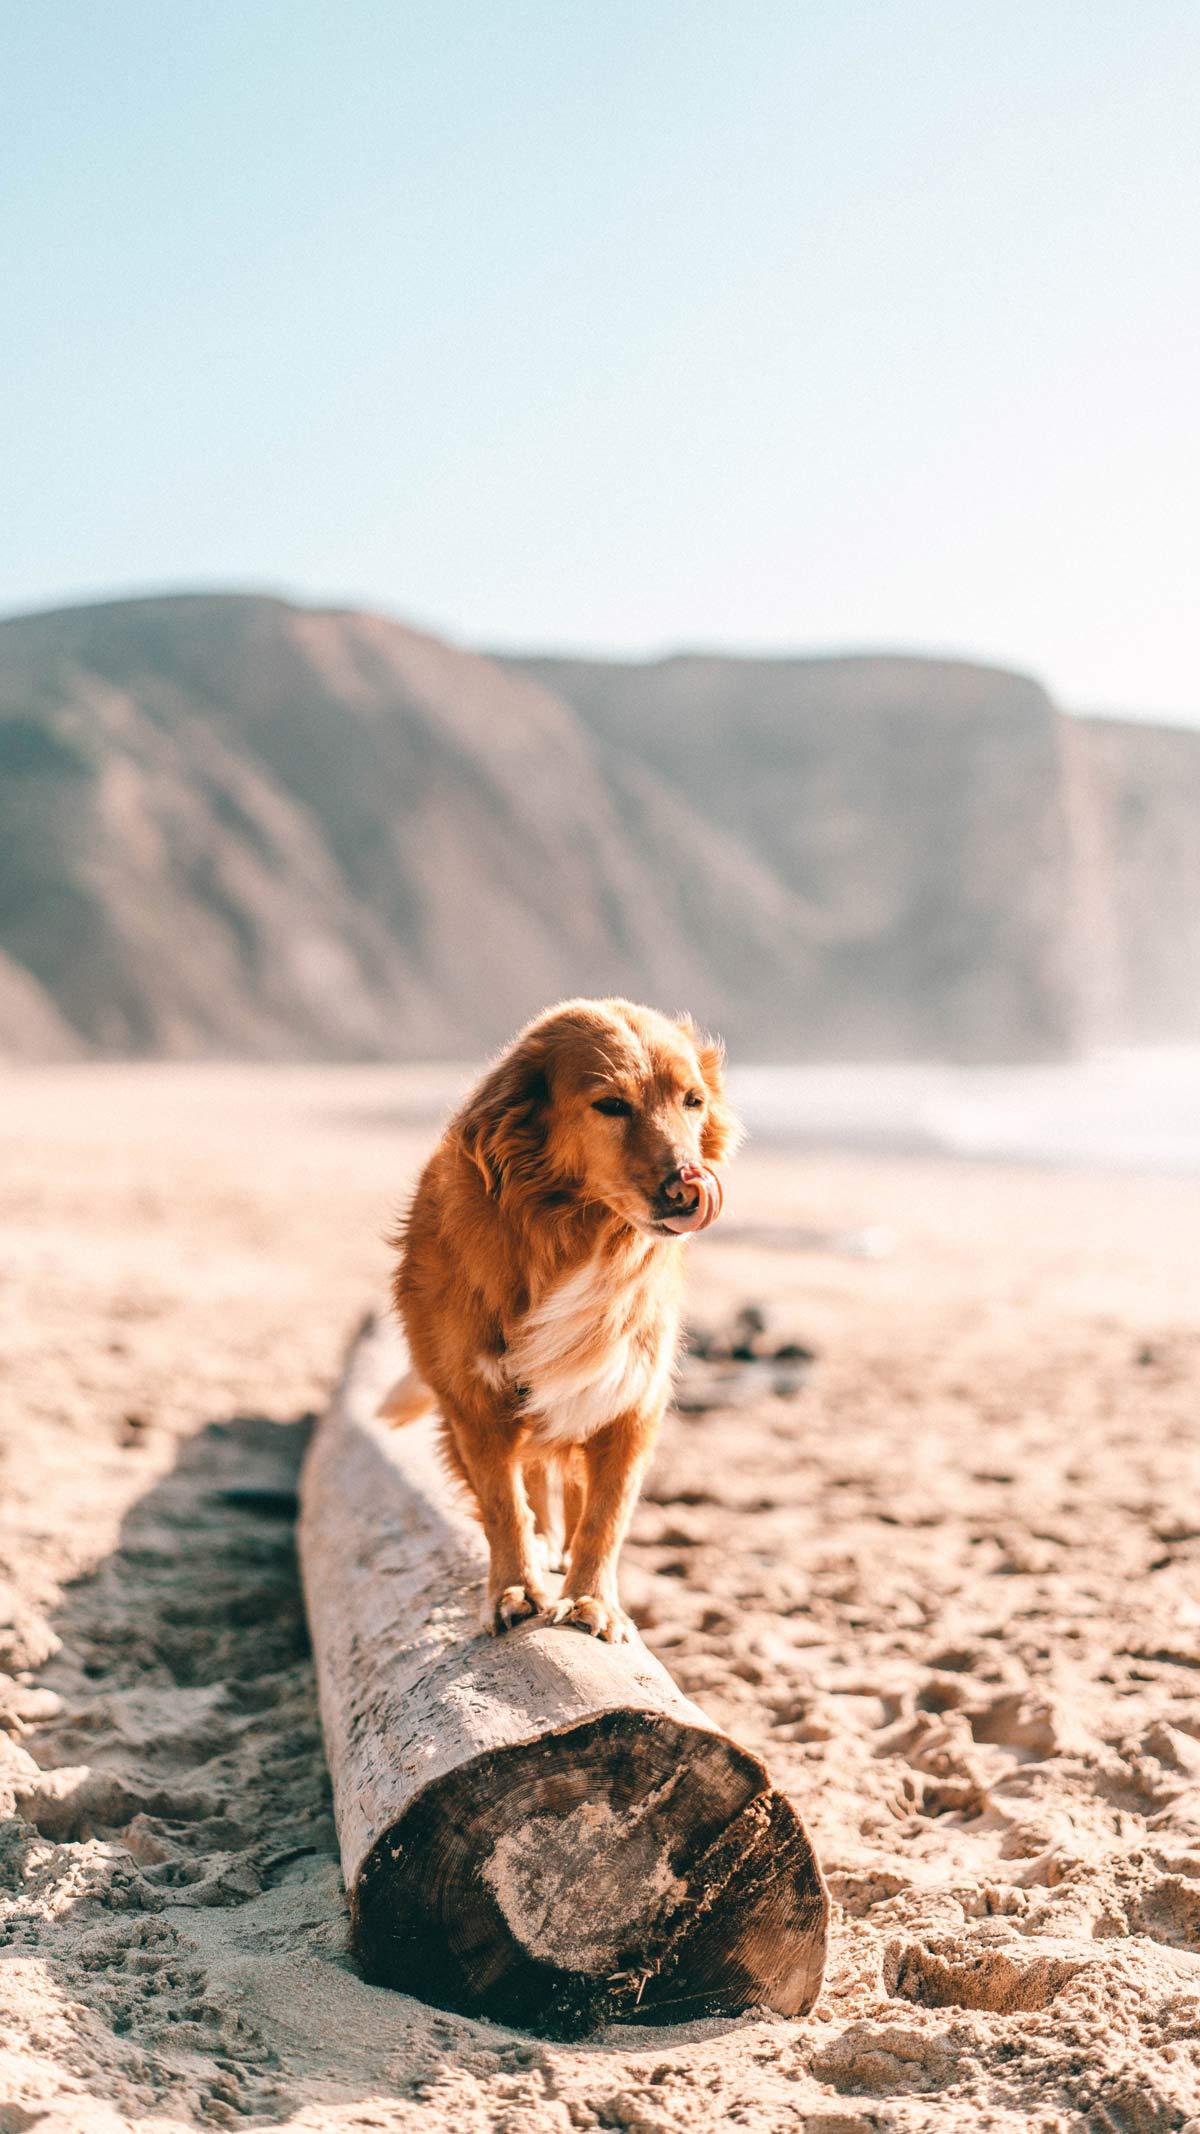 So geht Artgerechte Hundehaltung